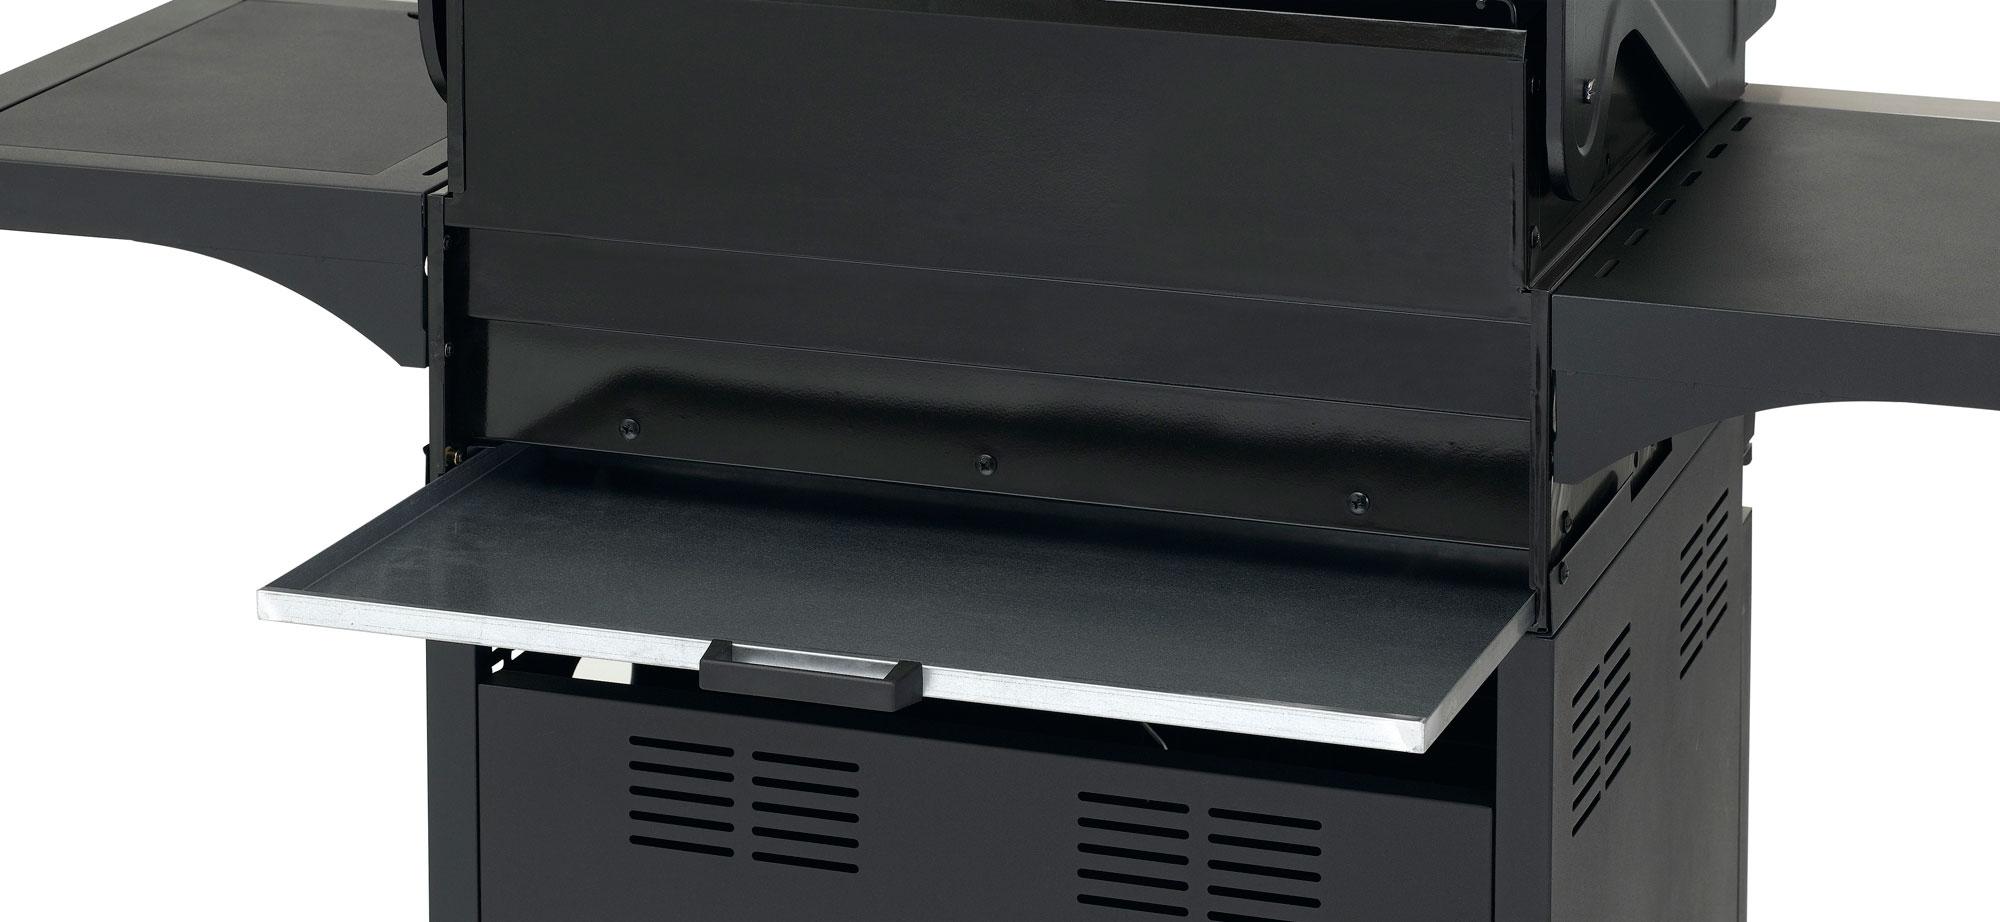 Tepro Gasgrill / Grillwagen Brookfield Grillfläche 58x42cm Bild 13